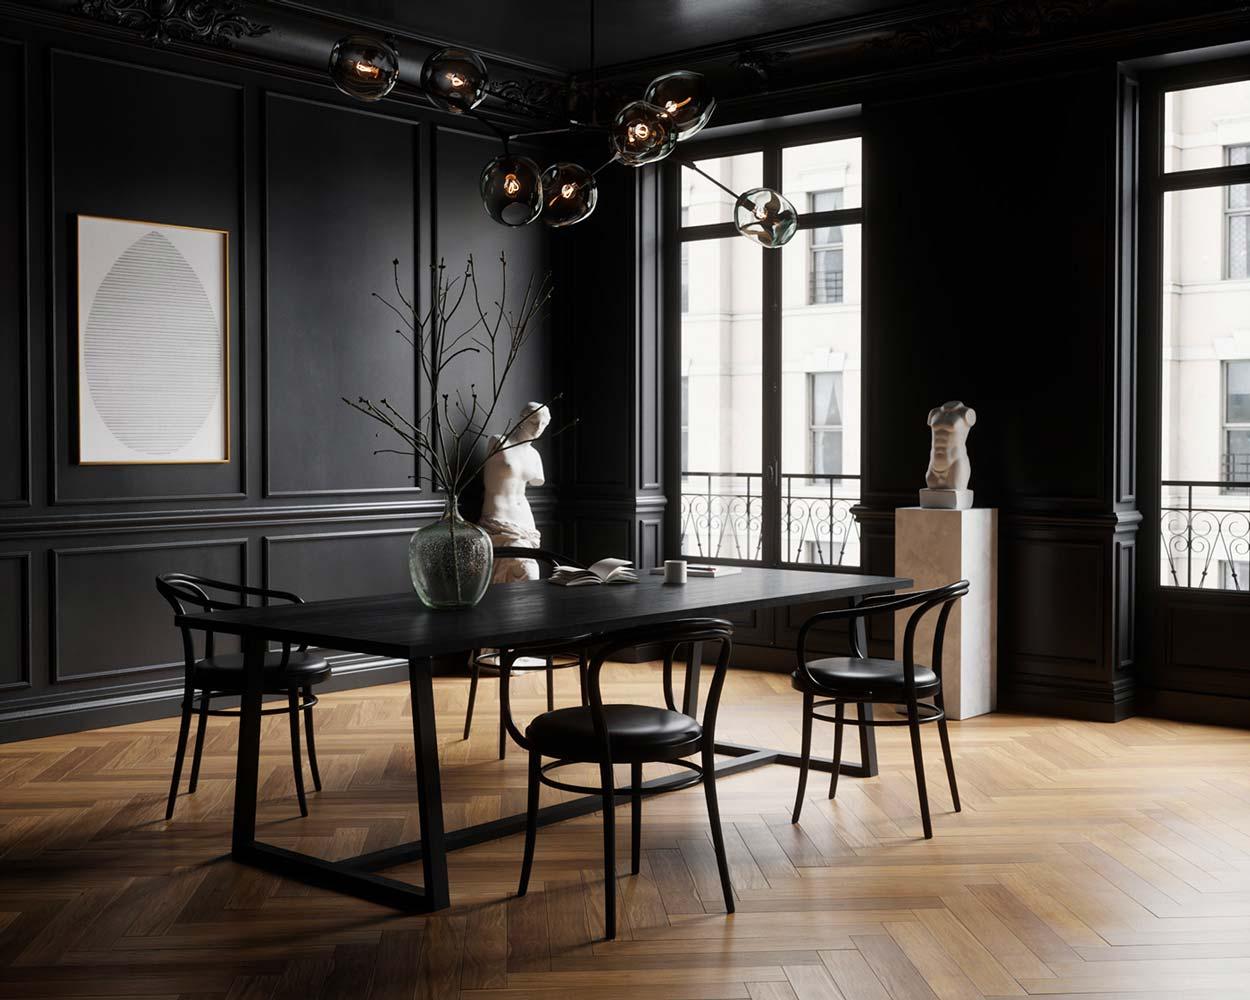 Salle à manger classique noire, sol en bâton rompu de couleur clair